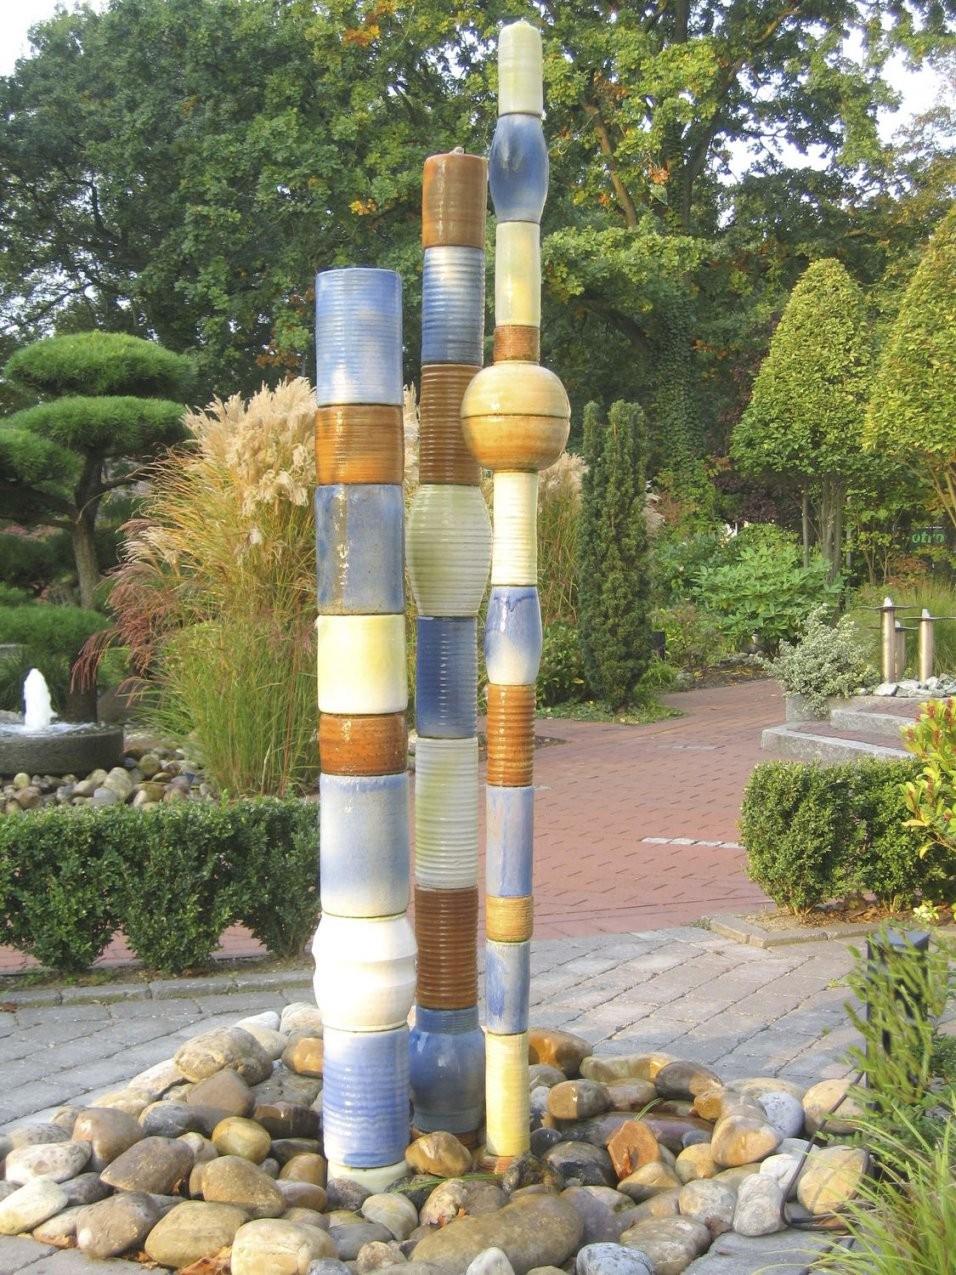 Gartenspringbrunnen  Modern  3 Säulen  Slink  Ideen Mit Wasser von Steinsäulen Für Den Garten Bild